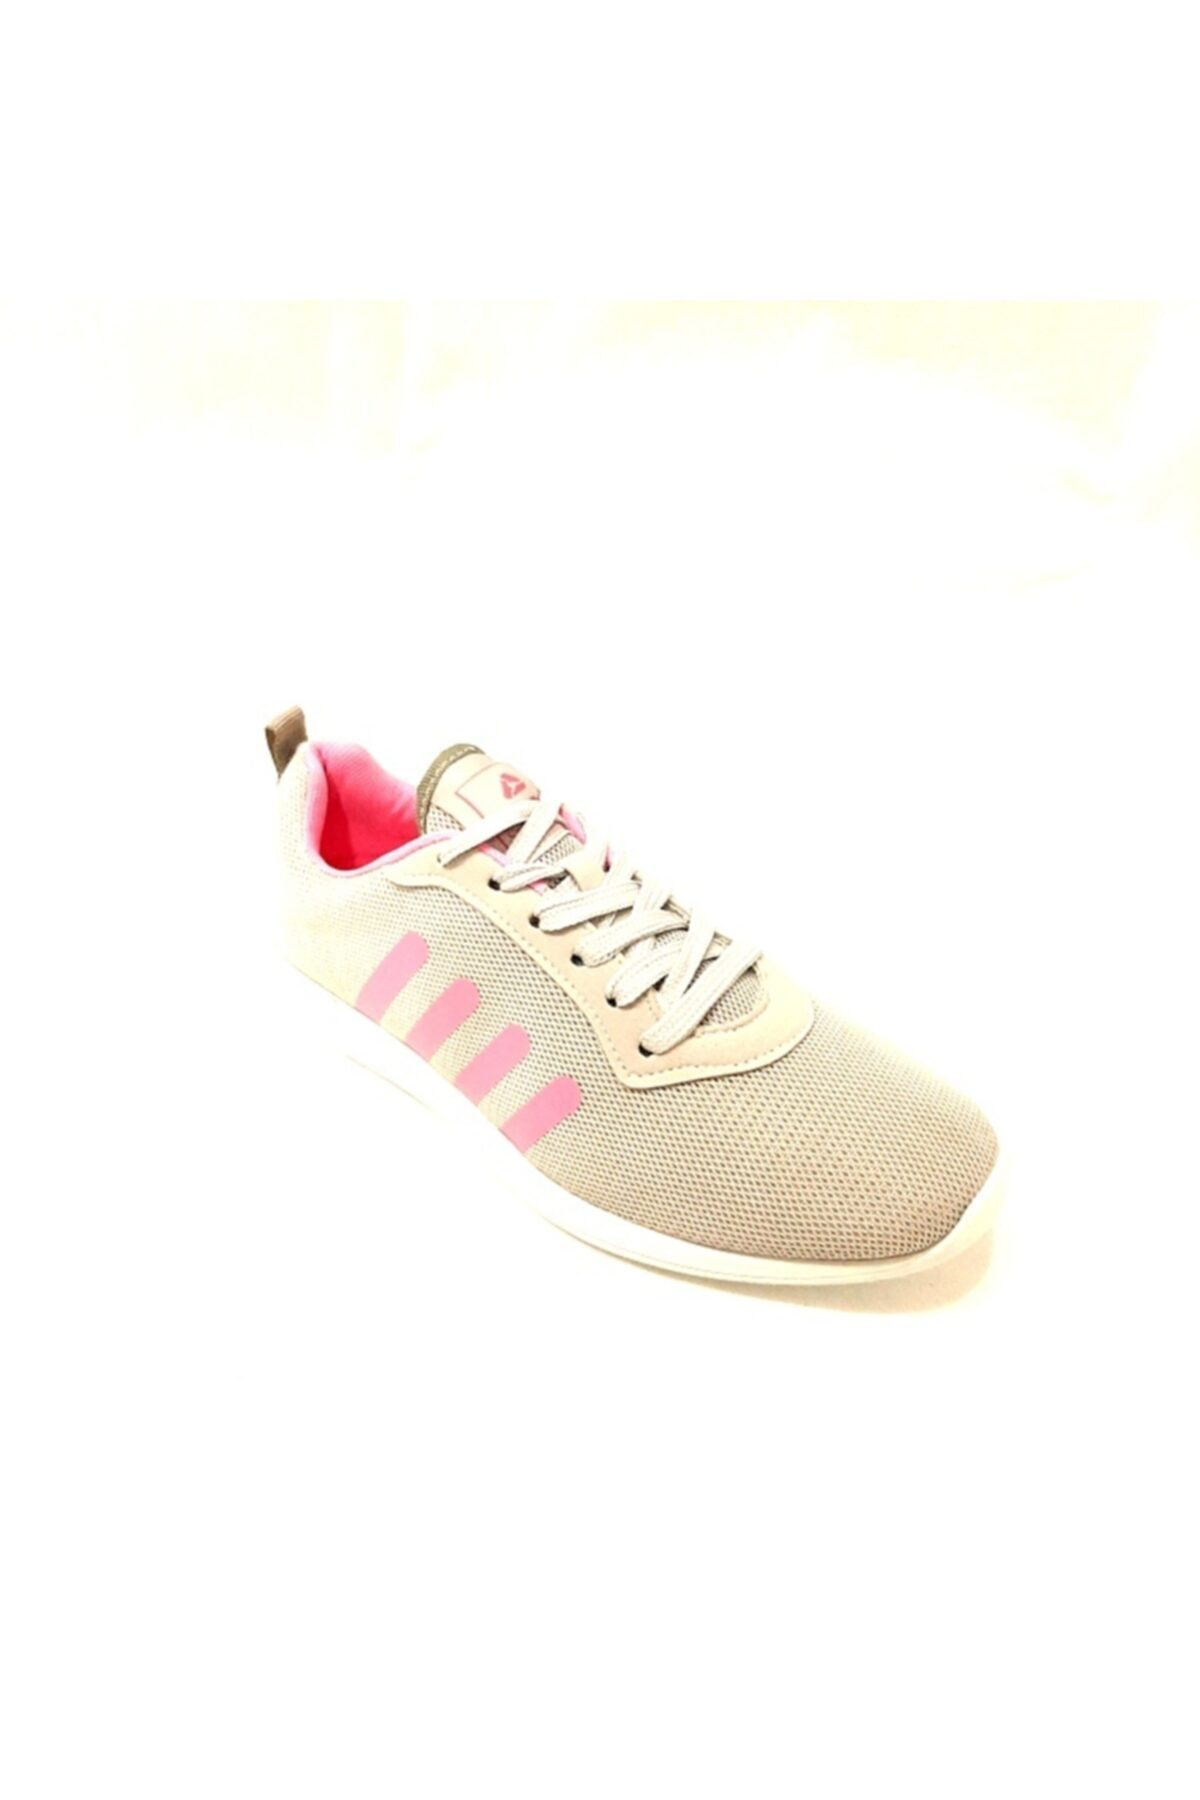 LETOON Kadın Ultra Hafif Antibakteriel Ortapedik Spor Ayakkabı 2